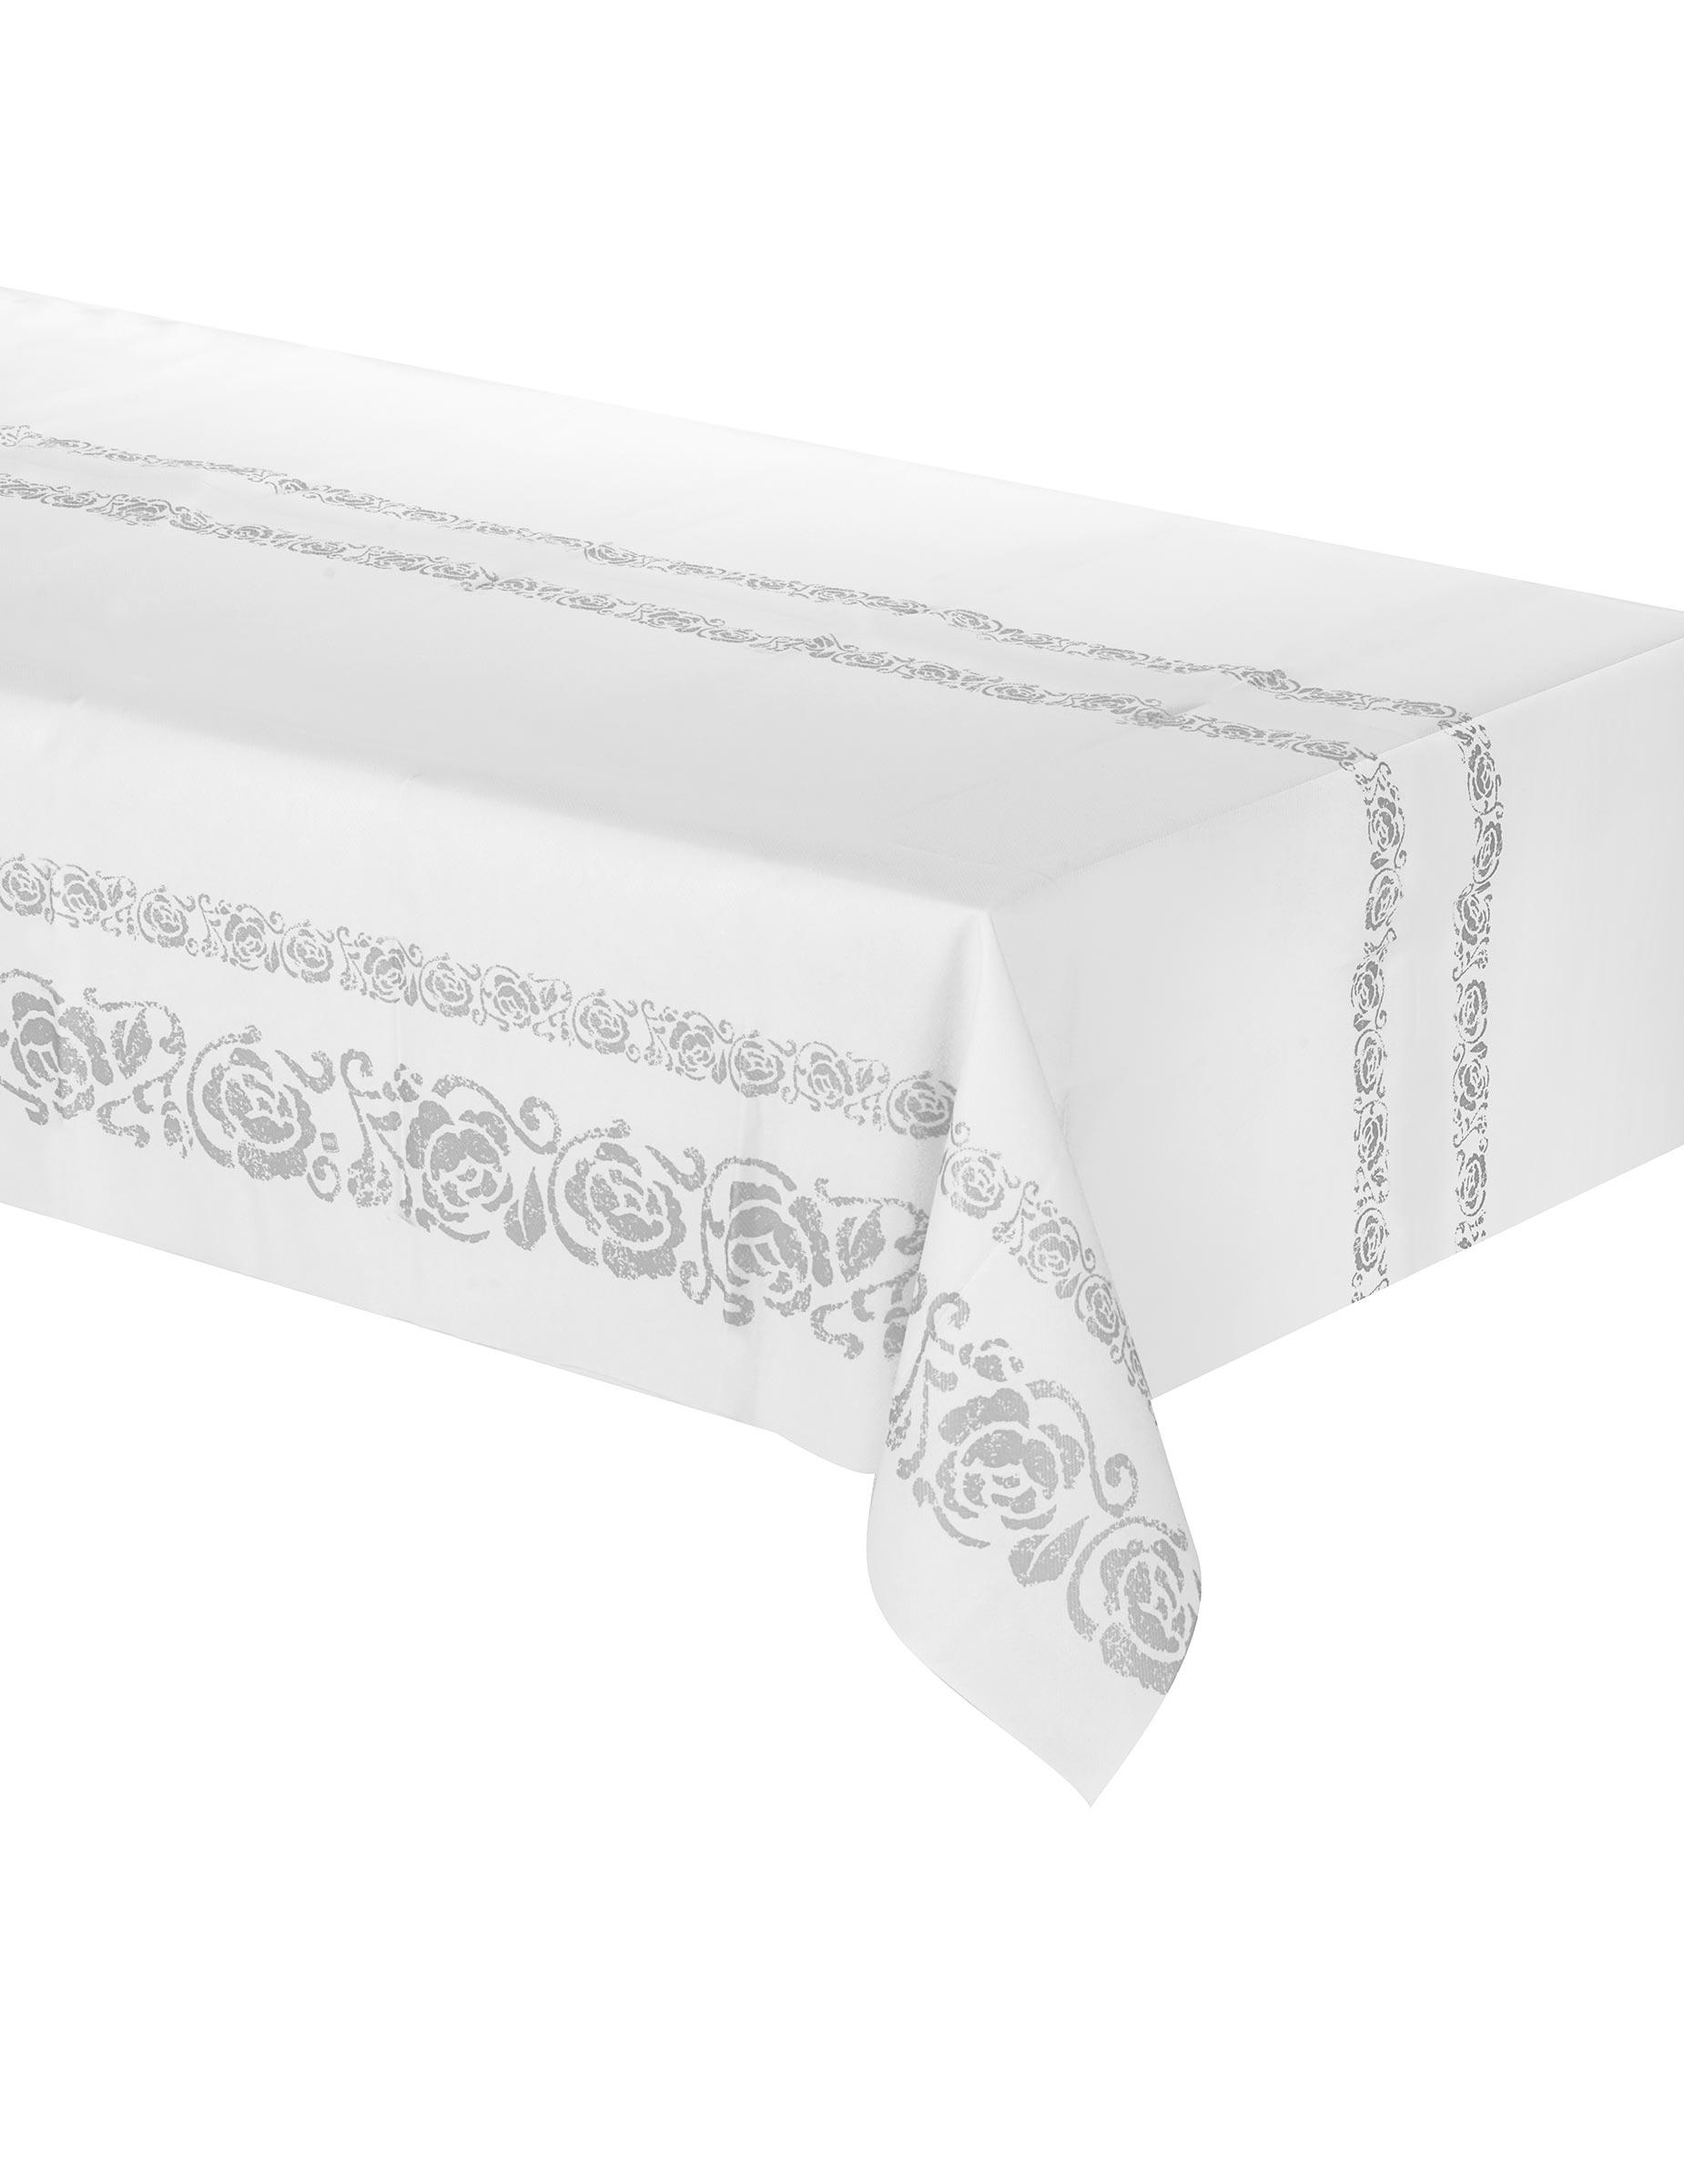 romantische tischdecke party dekoration mit rosenmuster. Black Bedroom Furniture Sets. Home Design Ideas